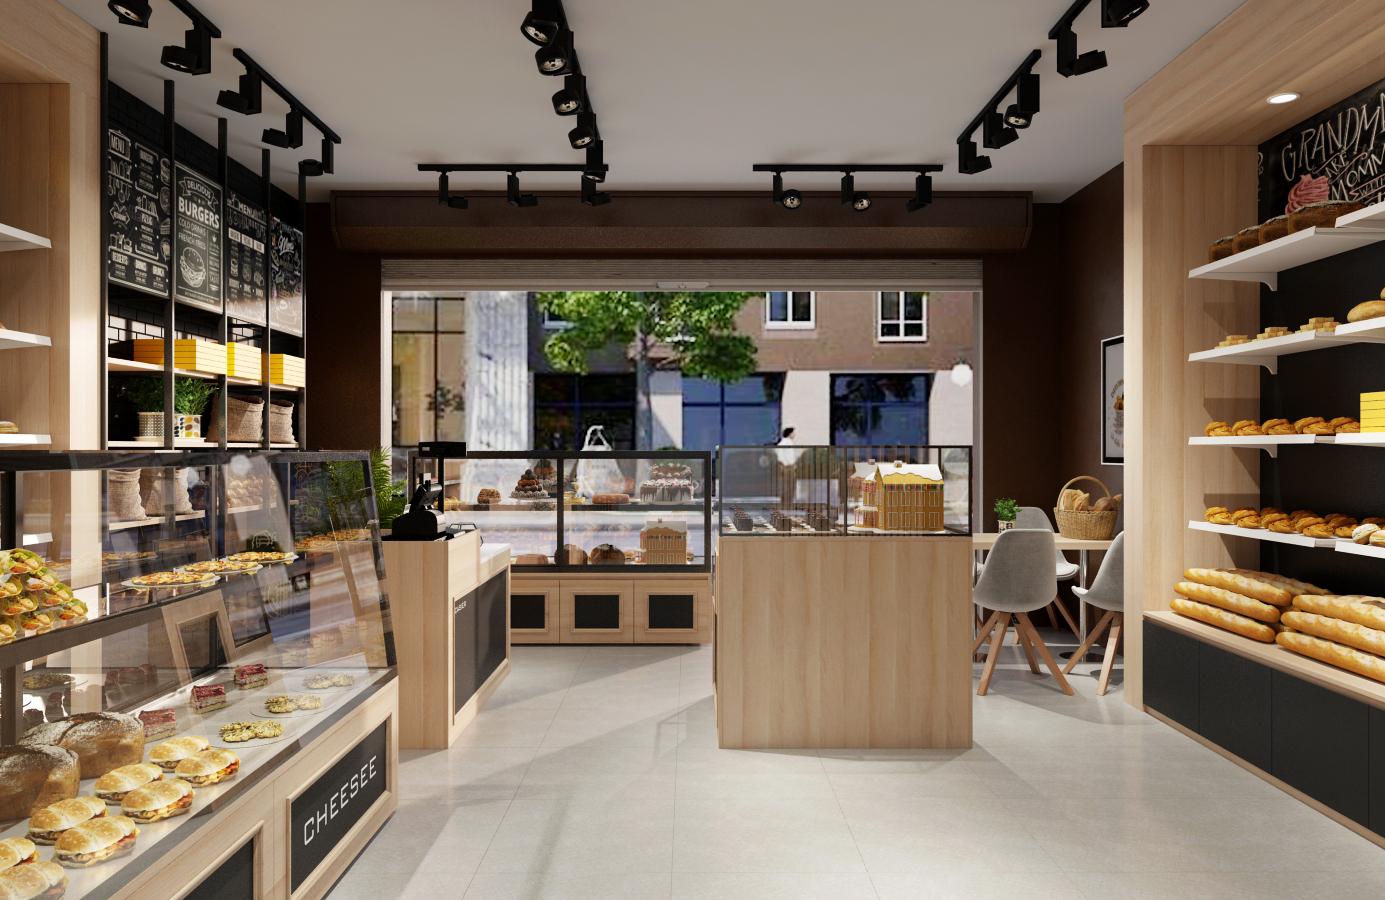 Thiết kế nội thất Nhà Hàng tại Hà Nội Đức Liên Bakery 1573645797 4